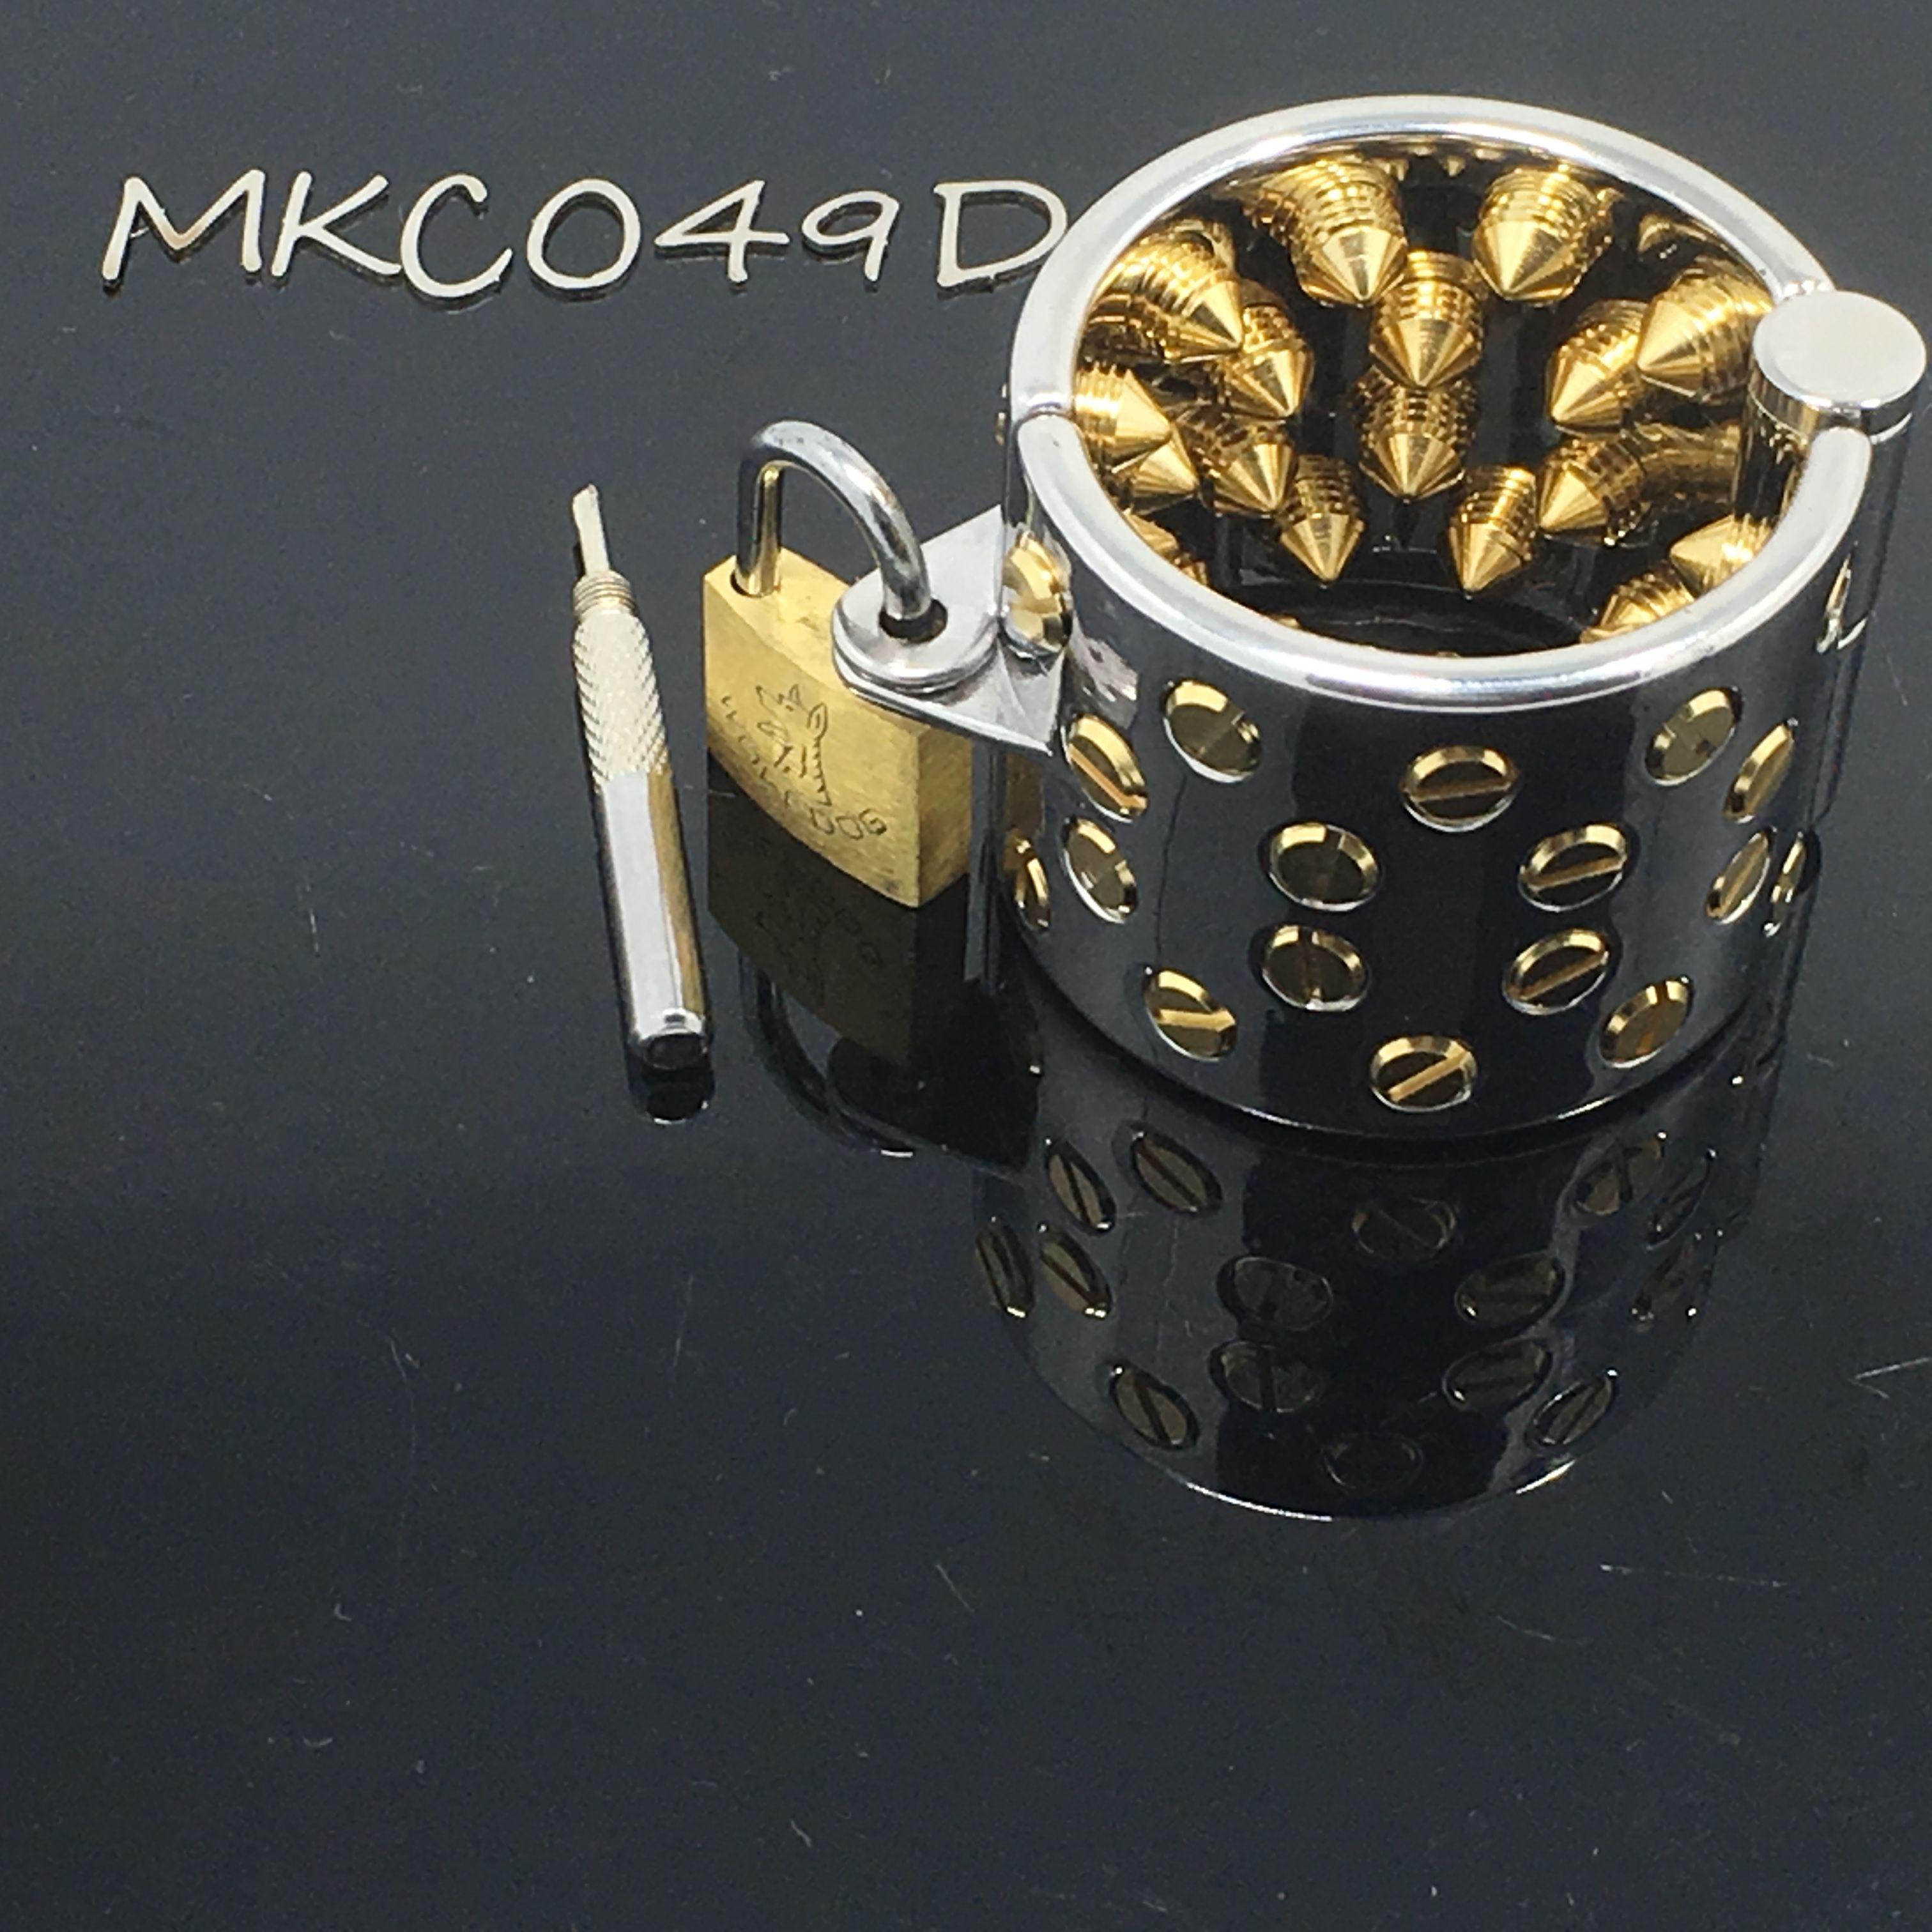 Edelstahl Mikes Spikes Ballstretcher Bondage Goldene Ringe Keuschheit Penis Hodensack Stimulation Ring Fetisch Sex Produkt MKC049D